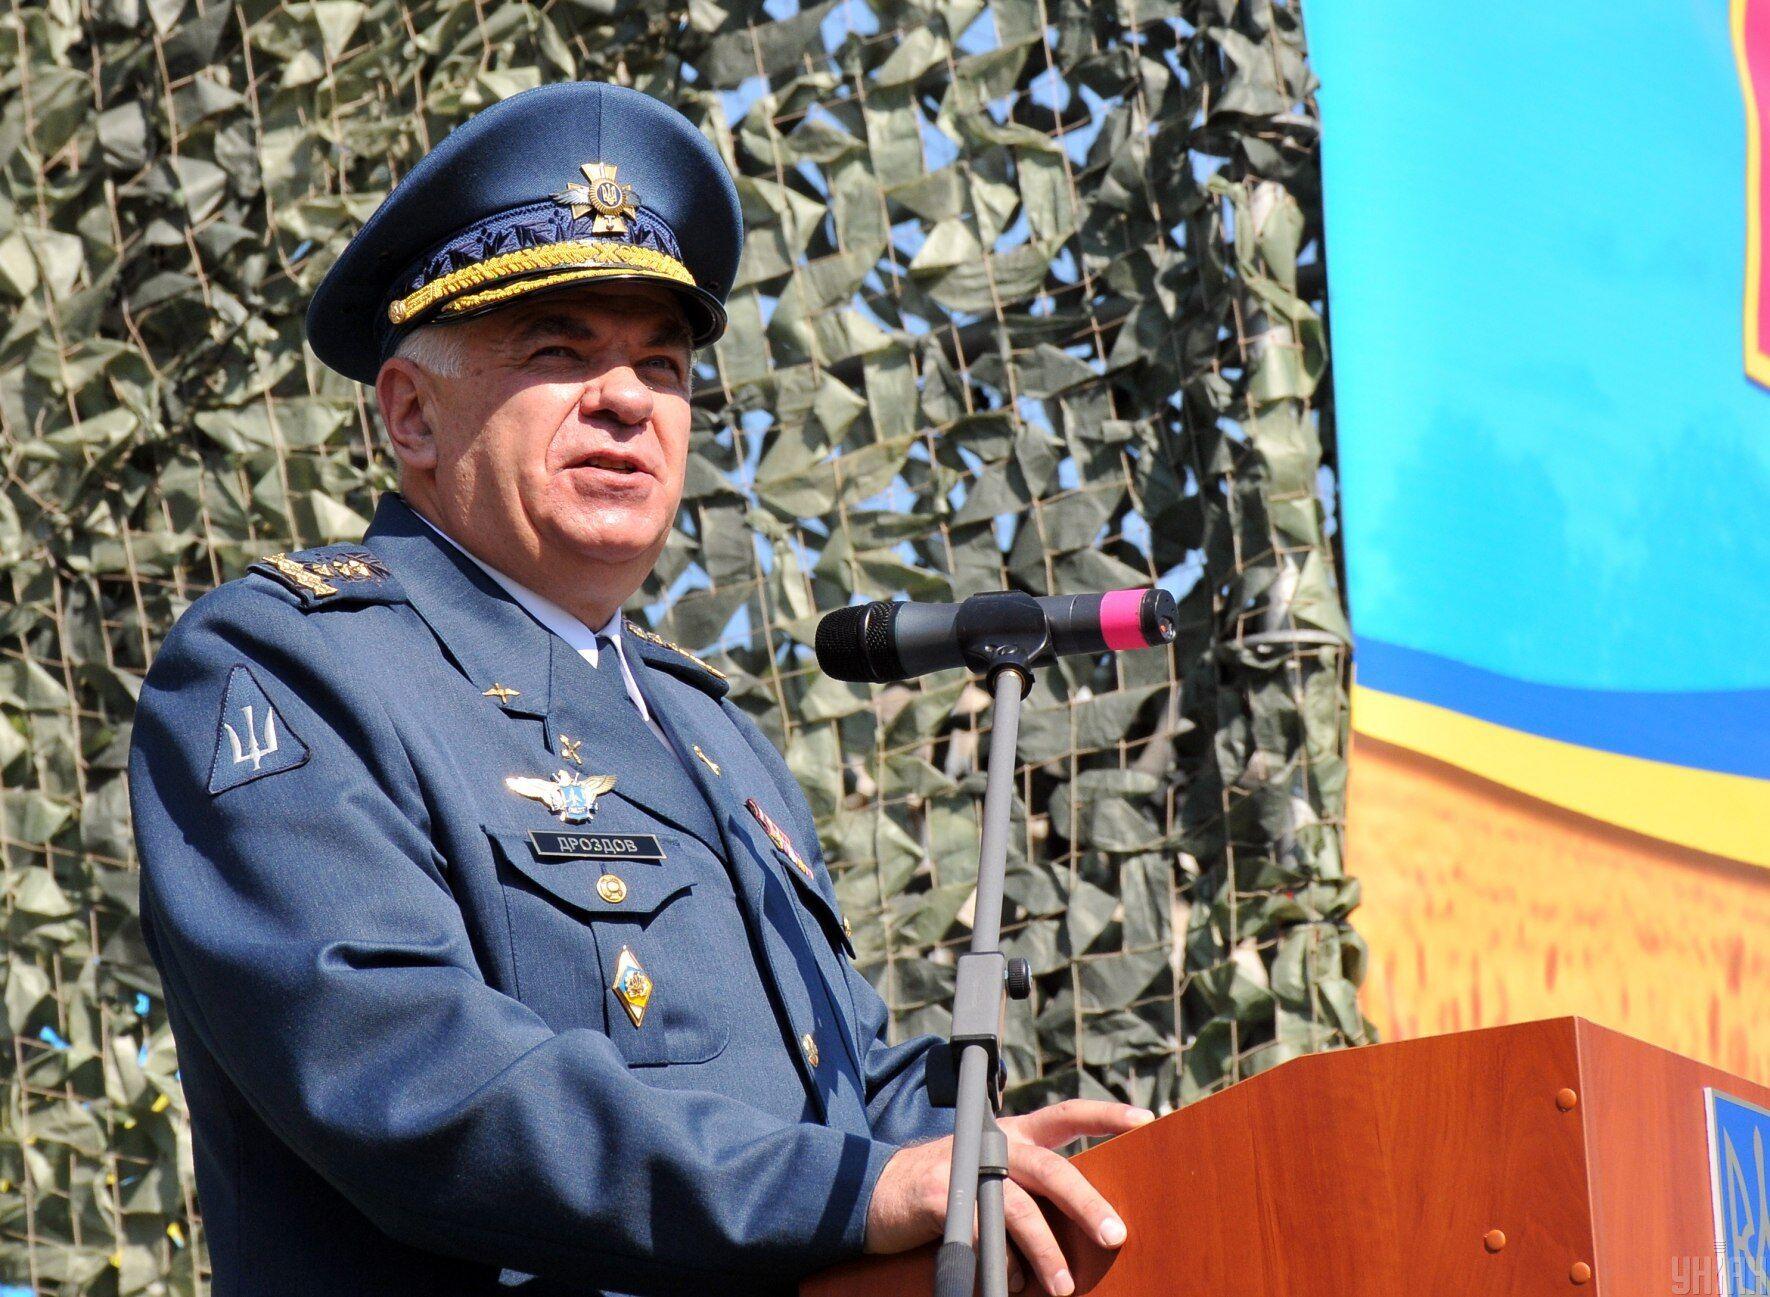 Сергій Дроздов на церемонії випуску лейтенантів в ХНУПС, 26 червня 2020 року